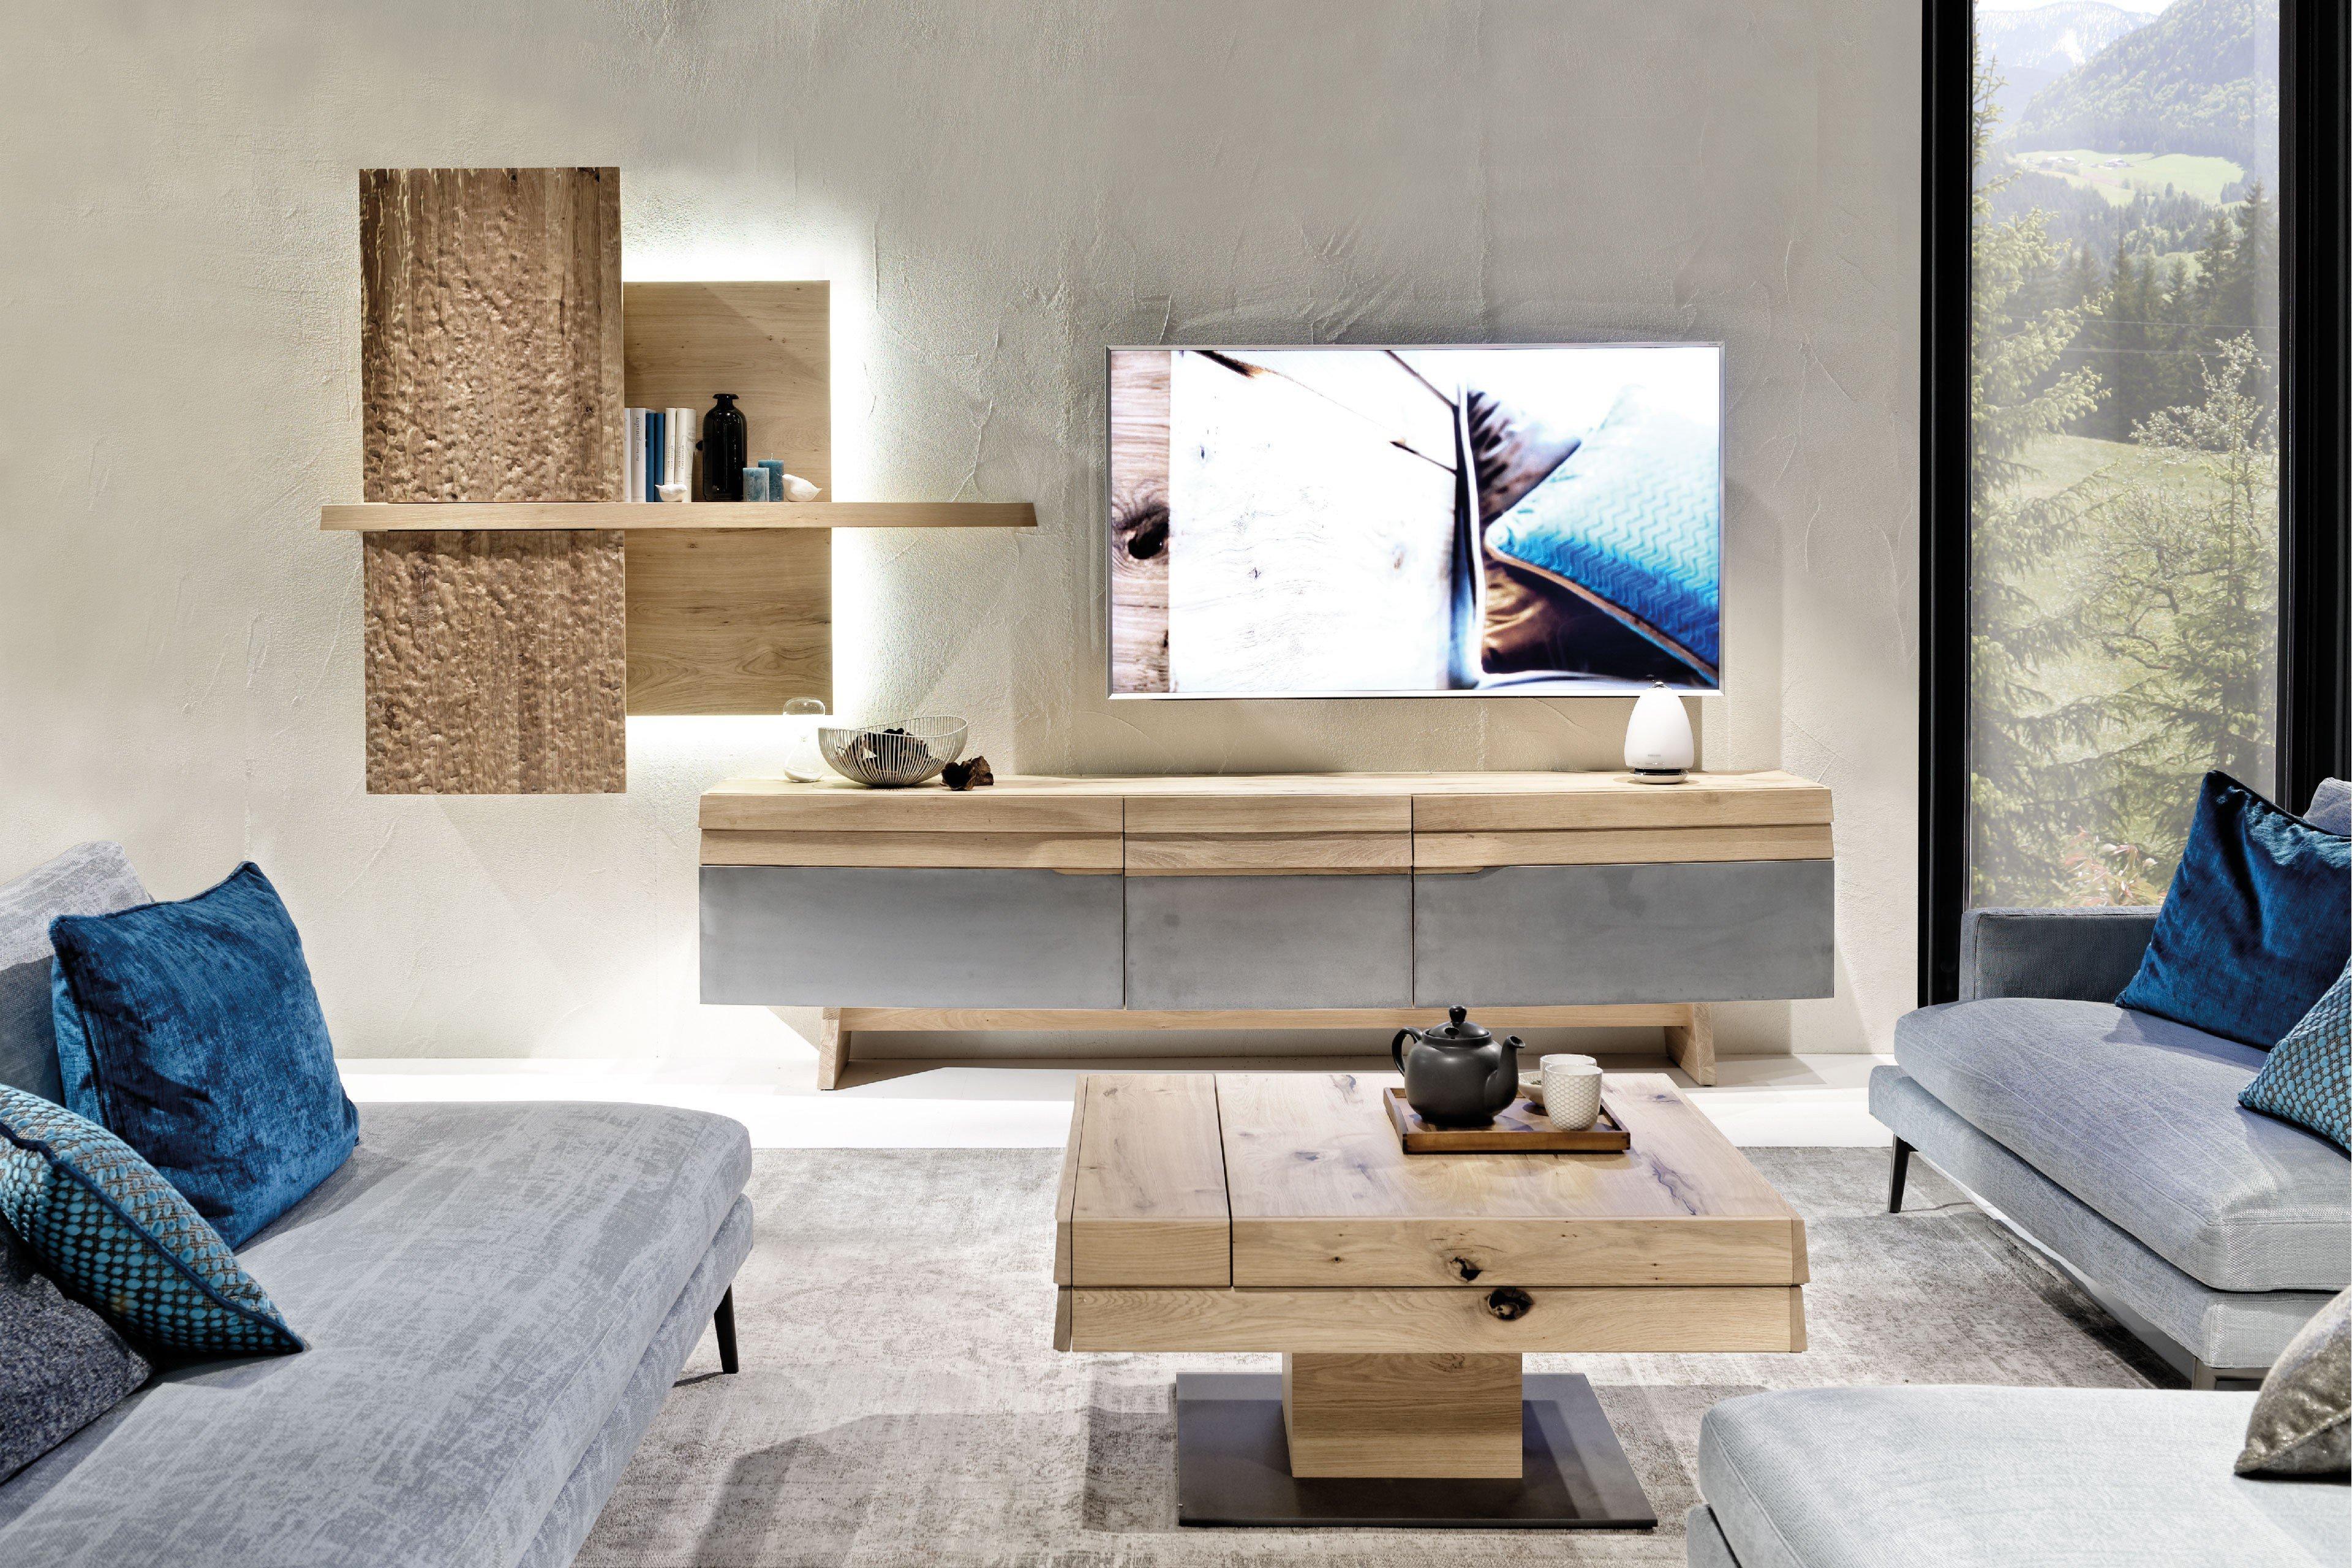 voglauer wohnwand v organo living 304 wildeiche eisen m bel letz ihr online shop. Black Bedroom Furniture Sets. Home Design Ideas